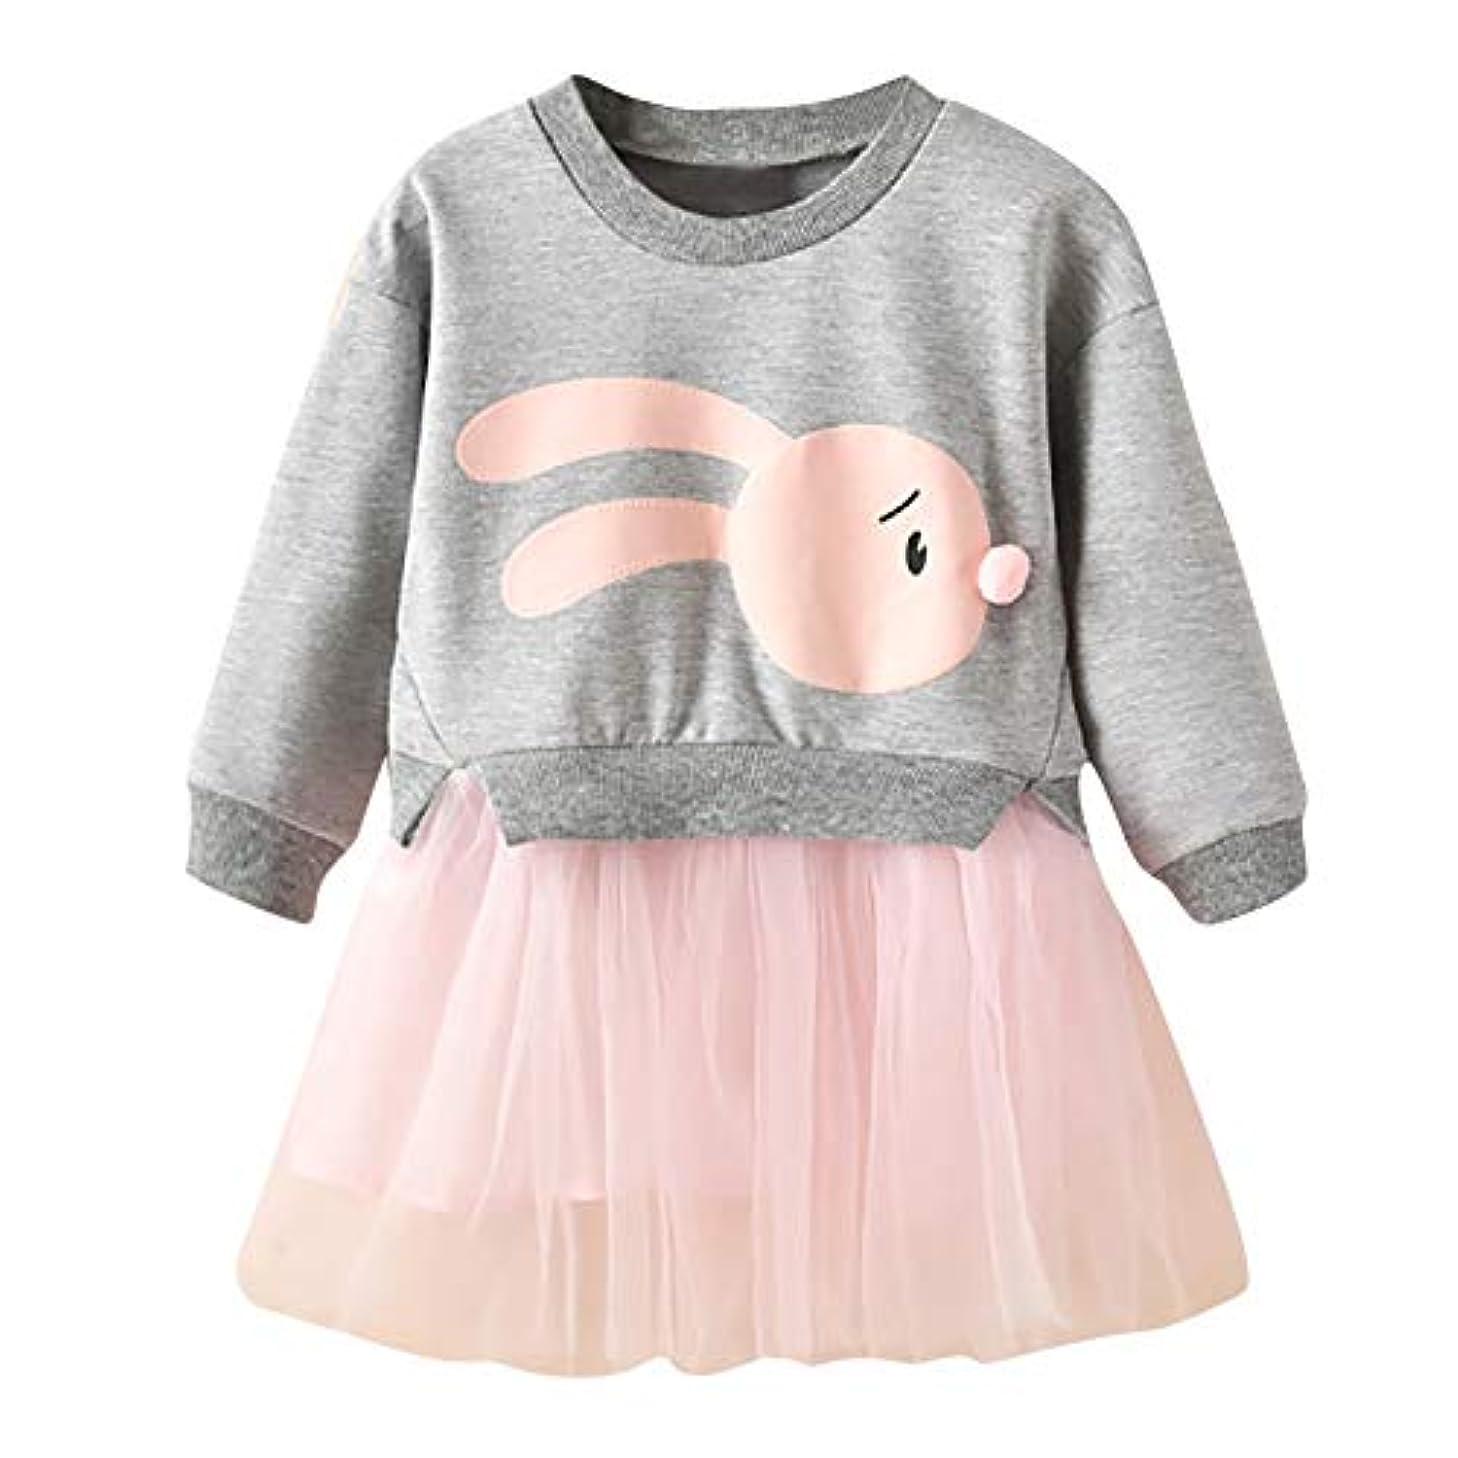 苦しめる引き出す腹部Maxcrestas - 冬の子供服の女の赤ちゃんの漫画のバニープリンセスパッチワークトレーナーチュールドレス服roupaのinfantil